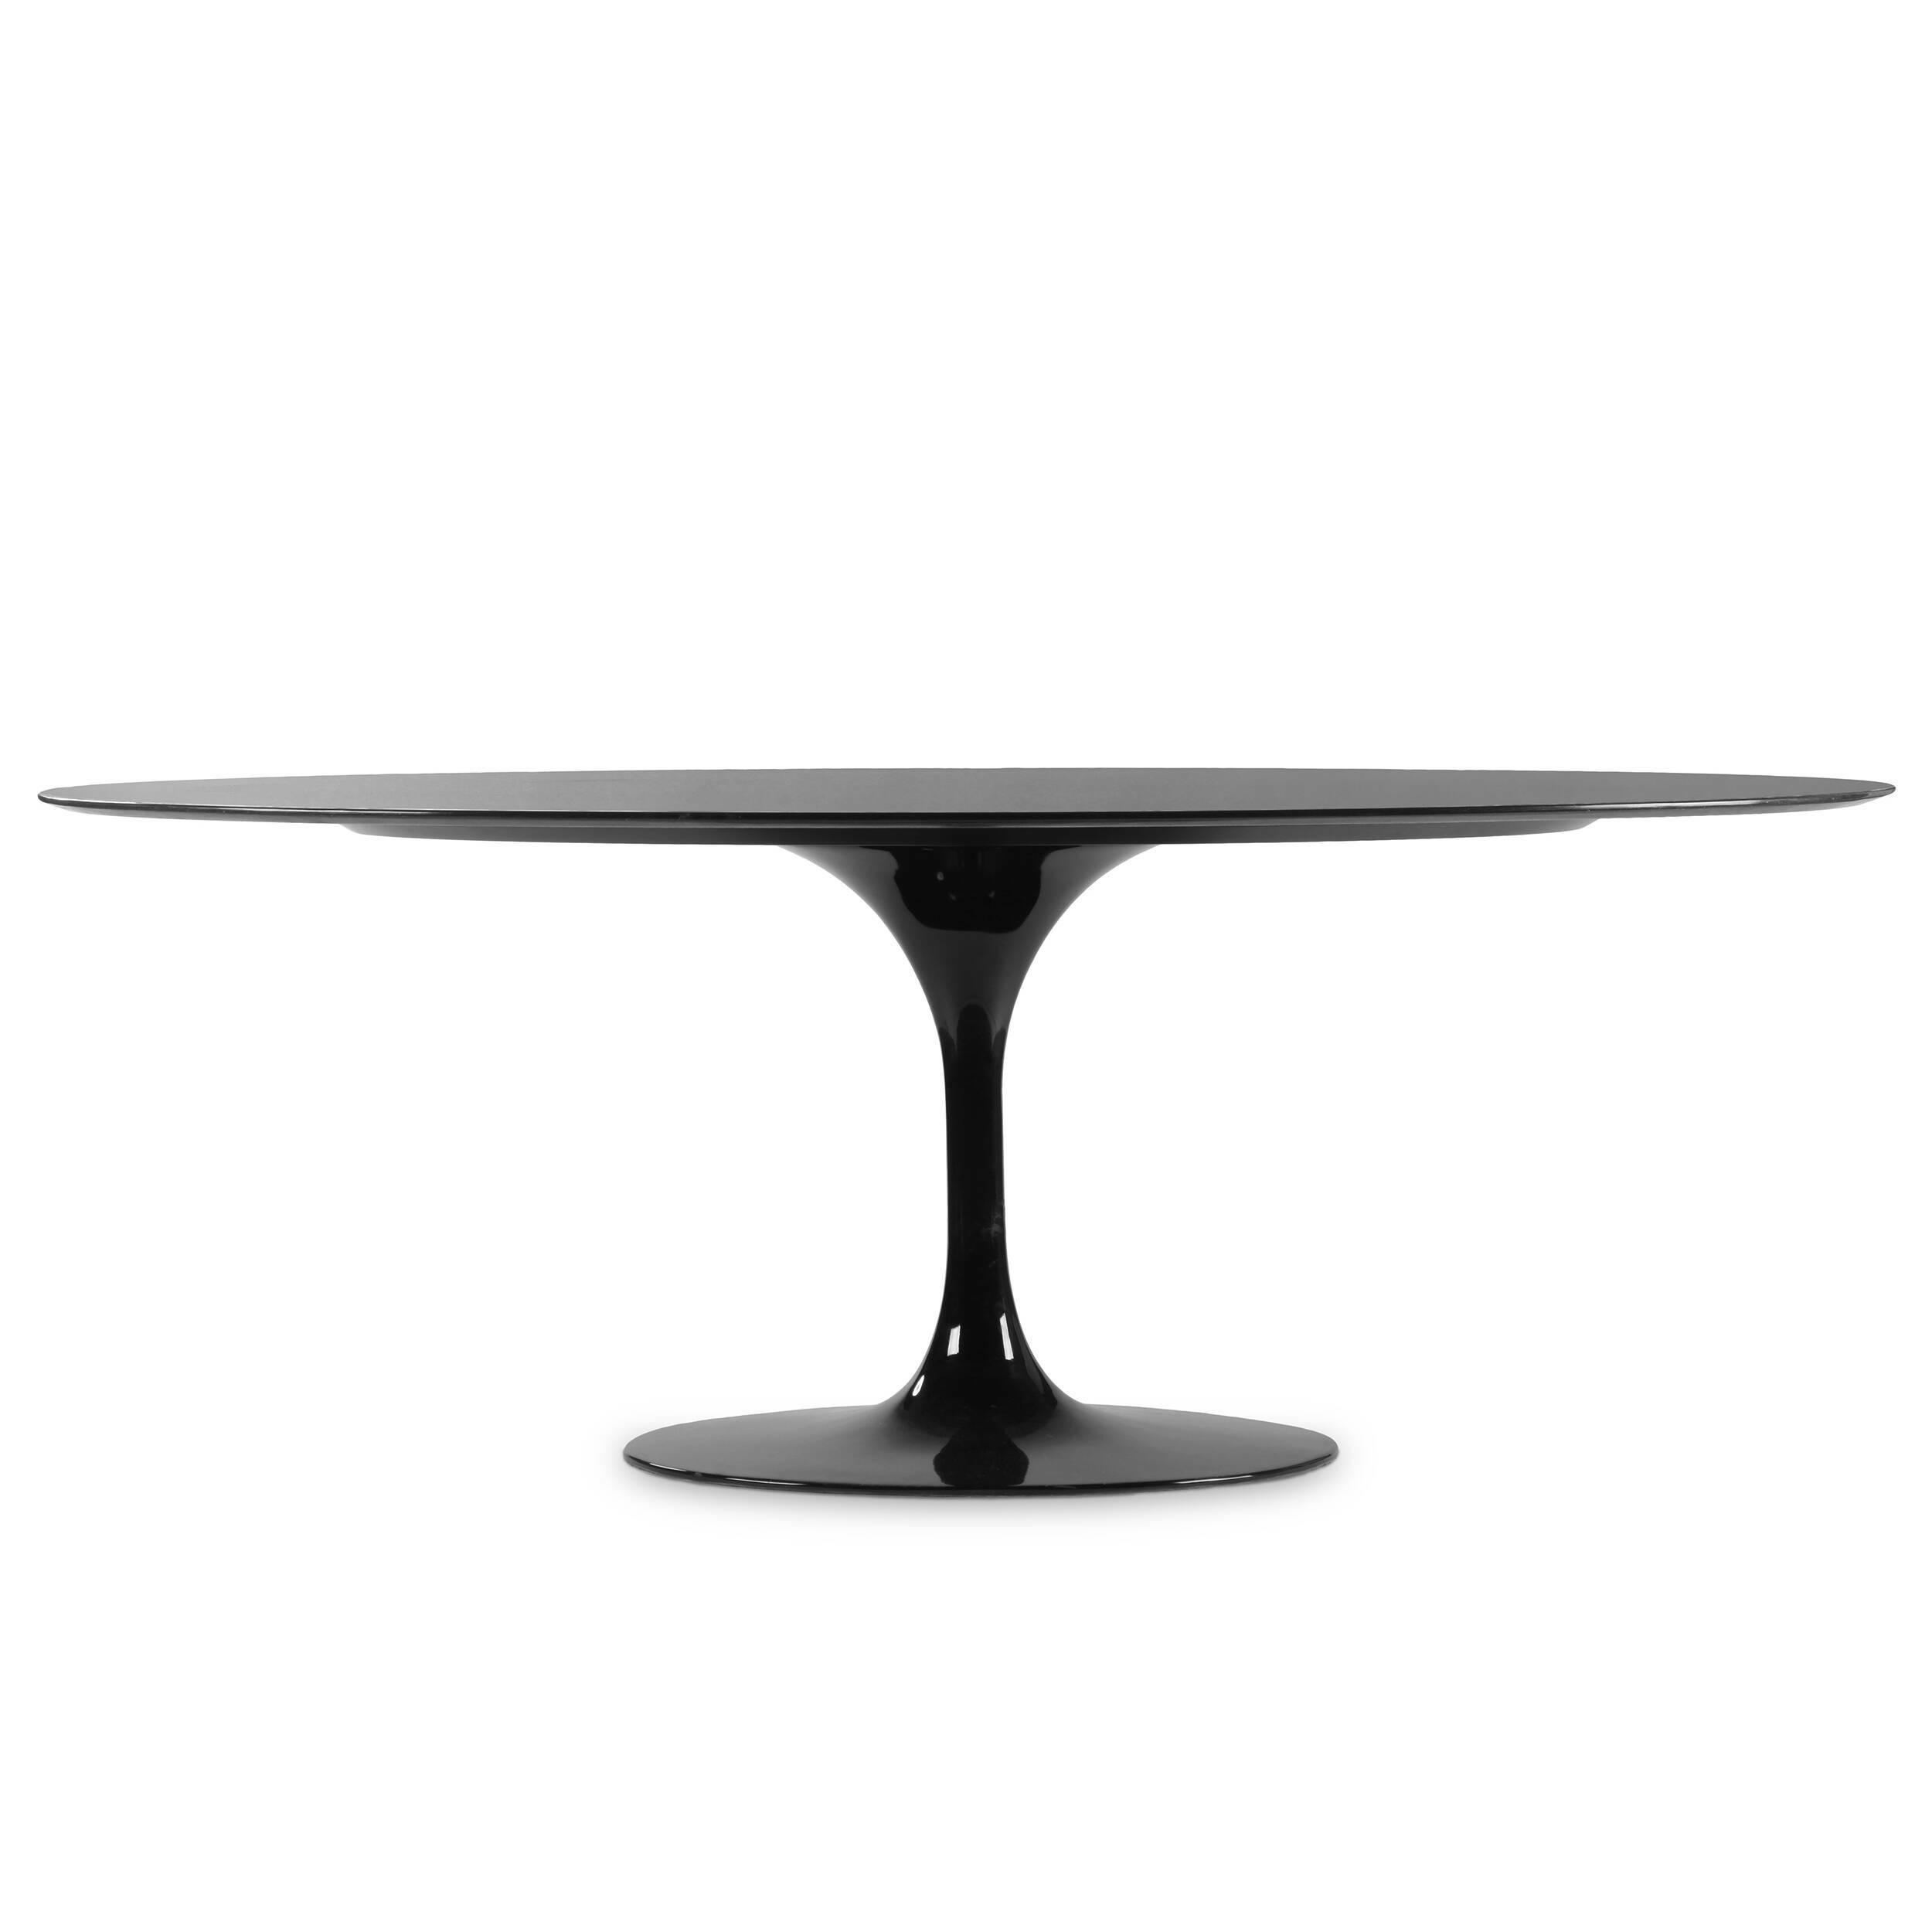 Обеденный стол Tulip овальныйОбеденные<br>Дизайнерская широкий глянцевый обеденный стол Tulip (Тулип) овальный на одной ножке с гранитной столешницей от Cosmo (Космо).У каждого знаменитого дизайнера прошлого столетия есть своя «формула вечного дизайна», а значит, есть и произведения дизайнерского искусства, которые уже много лет не выходят из моды, не теряют своей актуальности и востребованы по сей день. Стол Tulip как раз был разработан при помощи такой формулы, которую вывел Ээро Сааринен. Изящная ножка-тюльпан и круглая столешница...<br><br>stock: 0<br>Высота: 72<br>Ширина: 196<br>Диаметр: 122<br>Цвет ножек: Черный глянец<br>Цвет столешницы: Черный<br>Тип материала столешницы: Гранит<br>Тип материала ножек: Алюминий